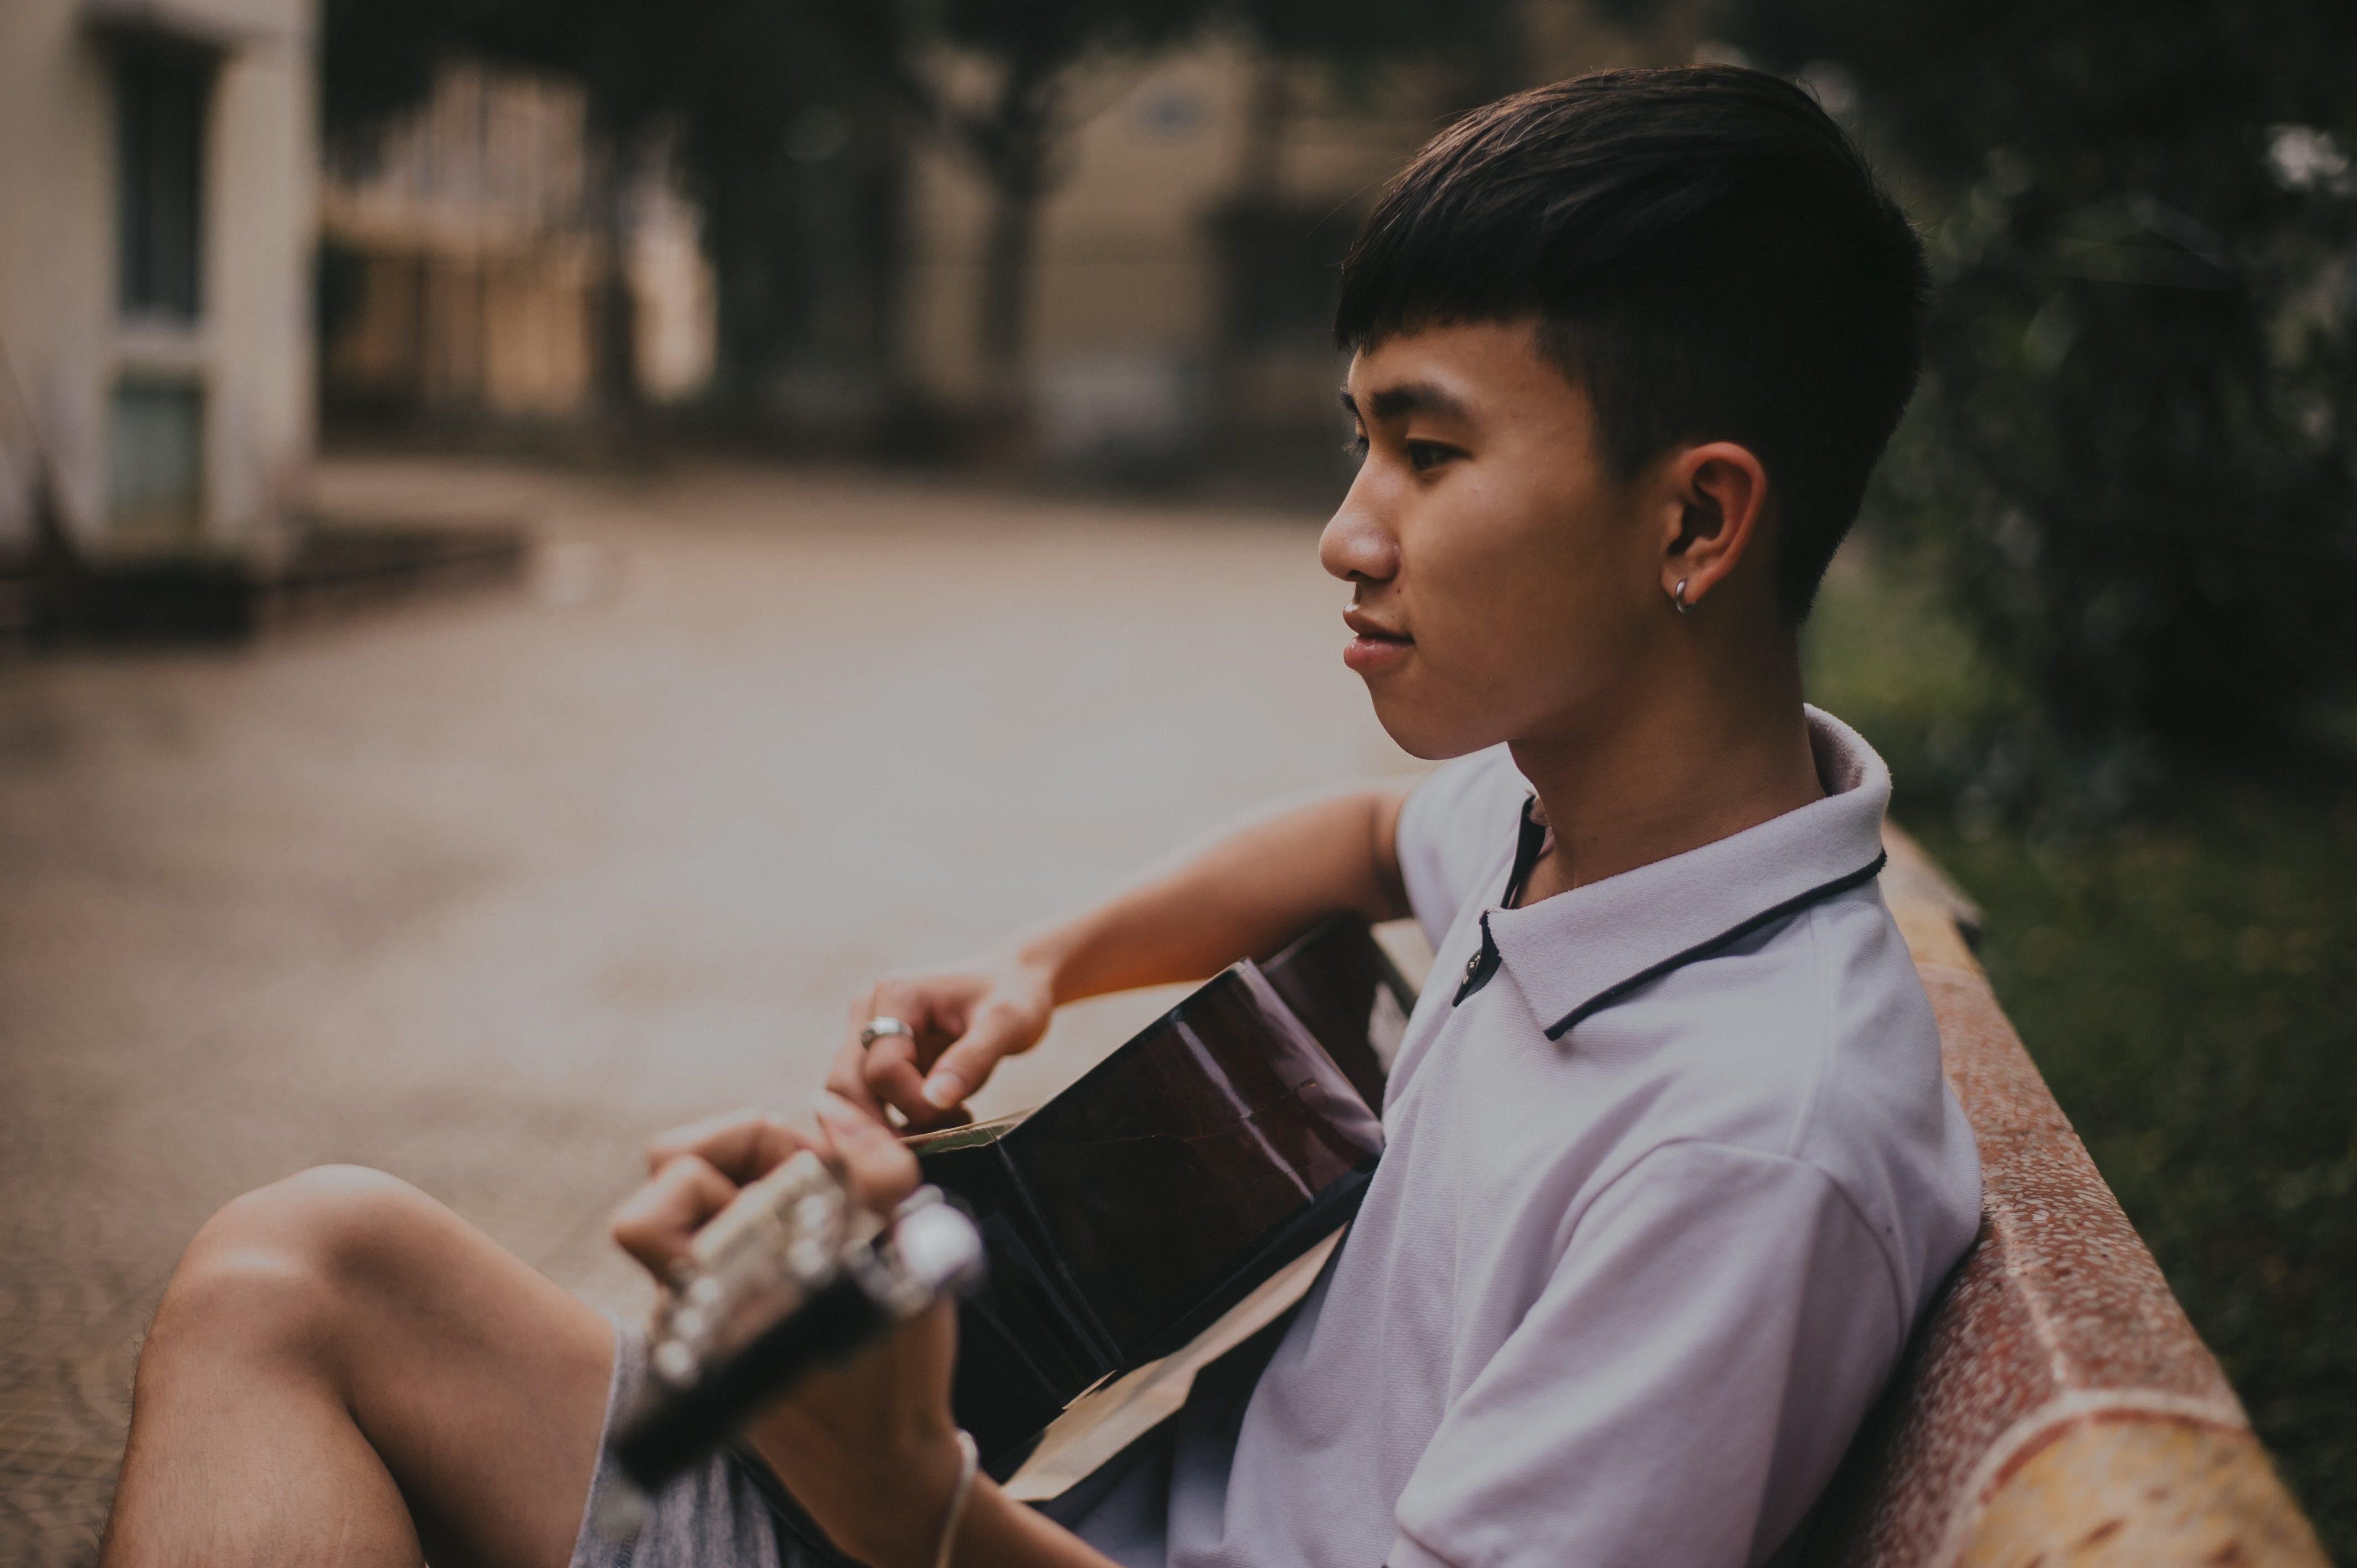 Kostenloses Stock Foto zu asiatische person, asiatischer junge, bank, fokus